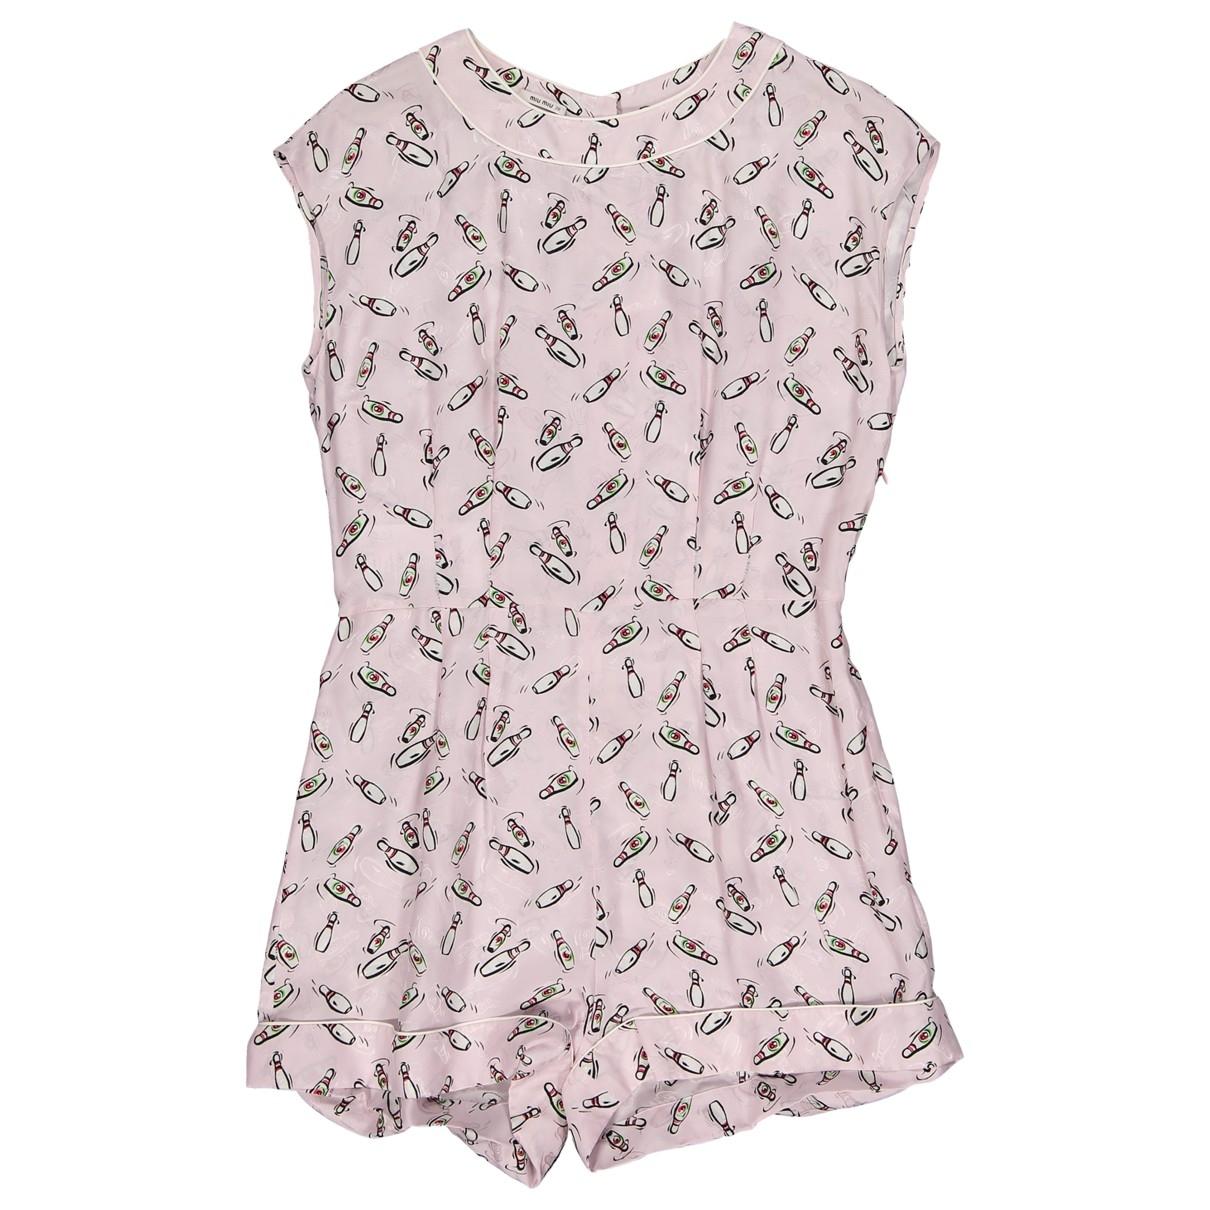 Miu Miu \N Pink jumpsuit for Women 38 IT